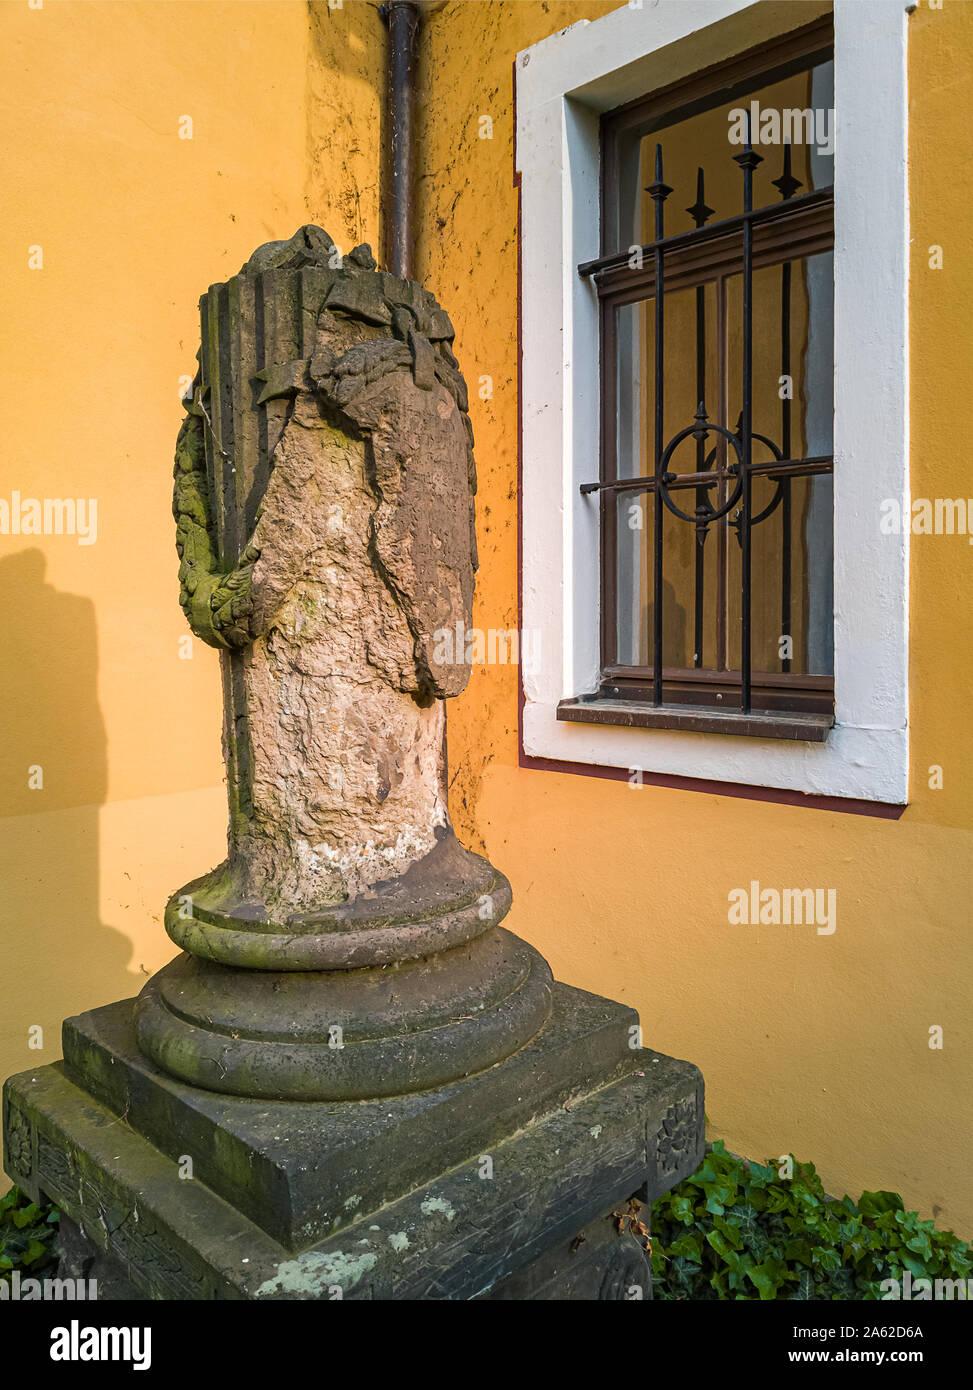 Fragment einer steinskulptur im Kirchhof der Kirche Maria am Wasser (Maria von der Gewässer) in Hosterwitz, Dresden, Sachsen, Deutschland. Stockfoto